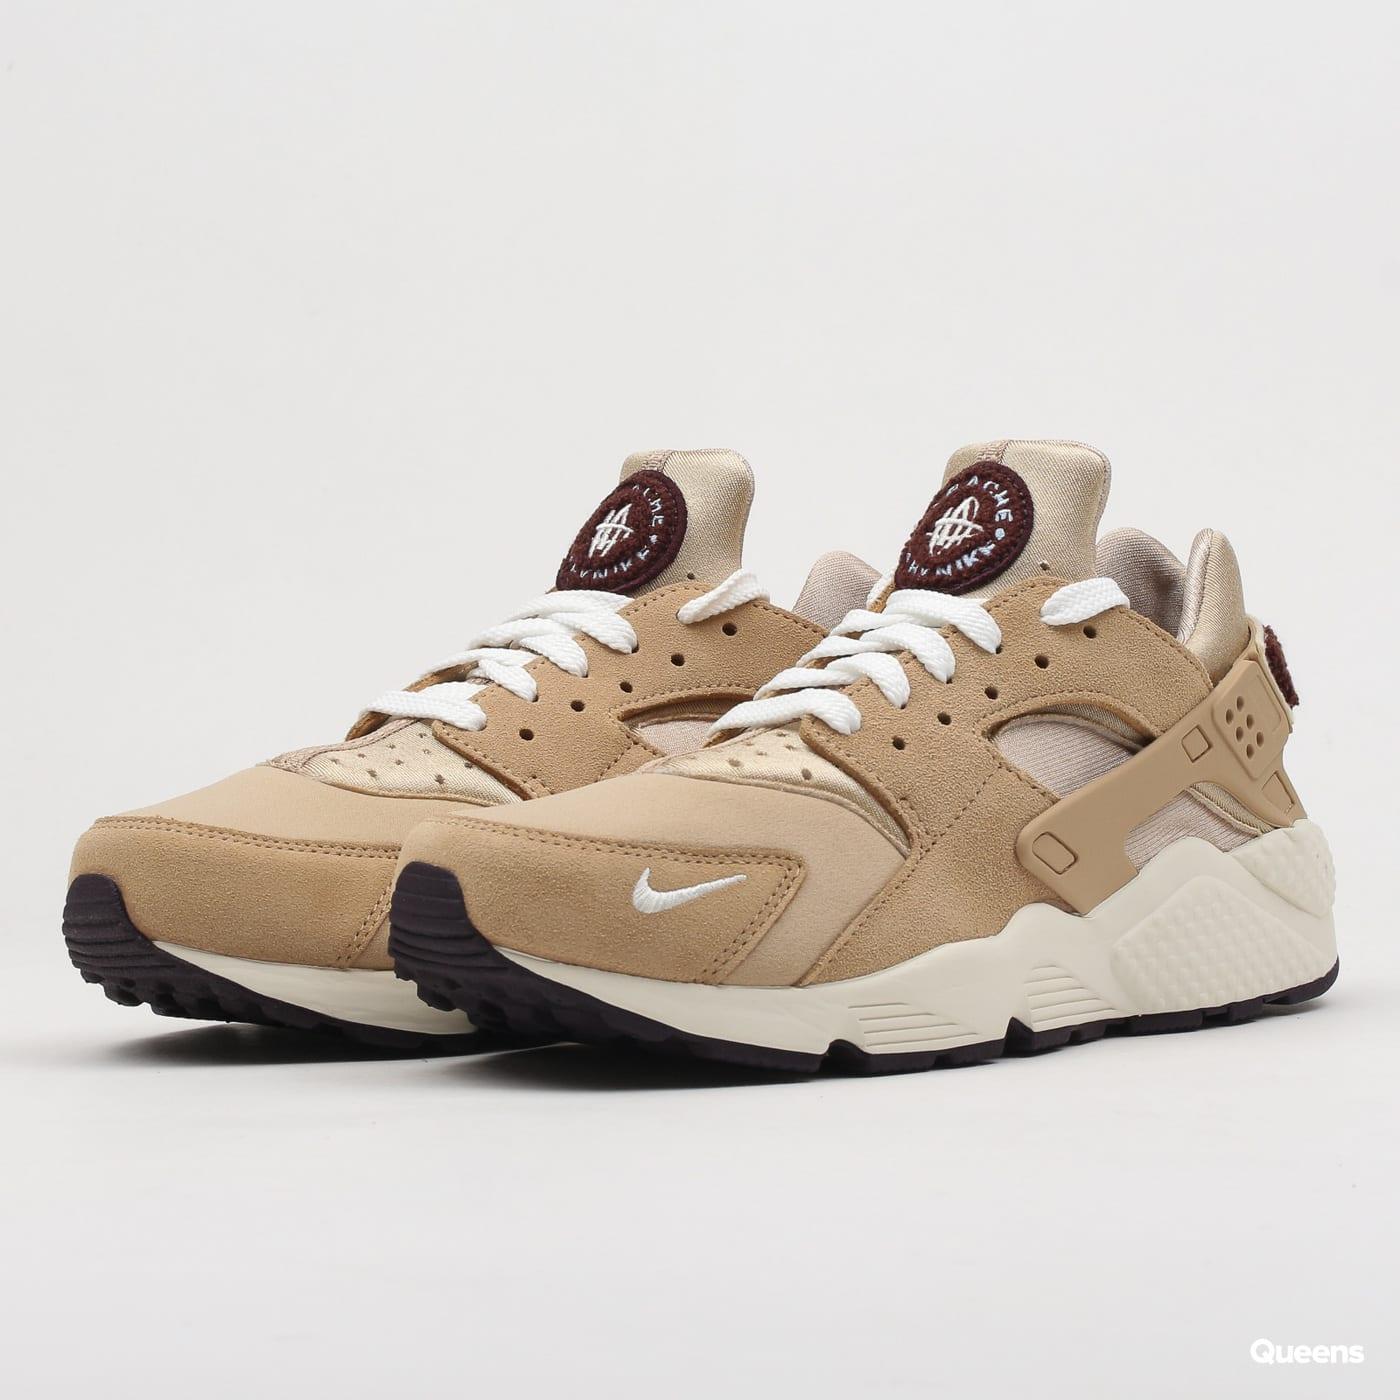 f0a945d362f Sneakers Nike Air Huarache Run Premium (704830-202)– Queens 💚